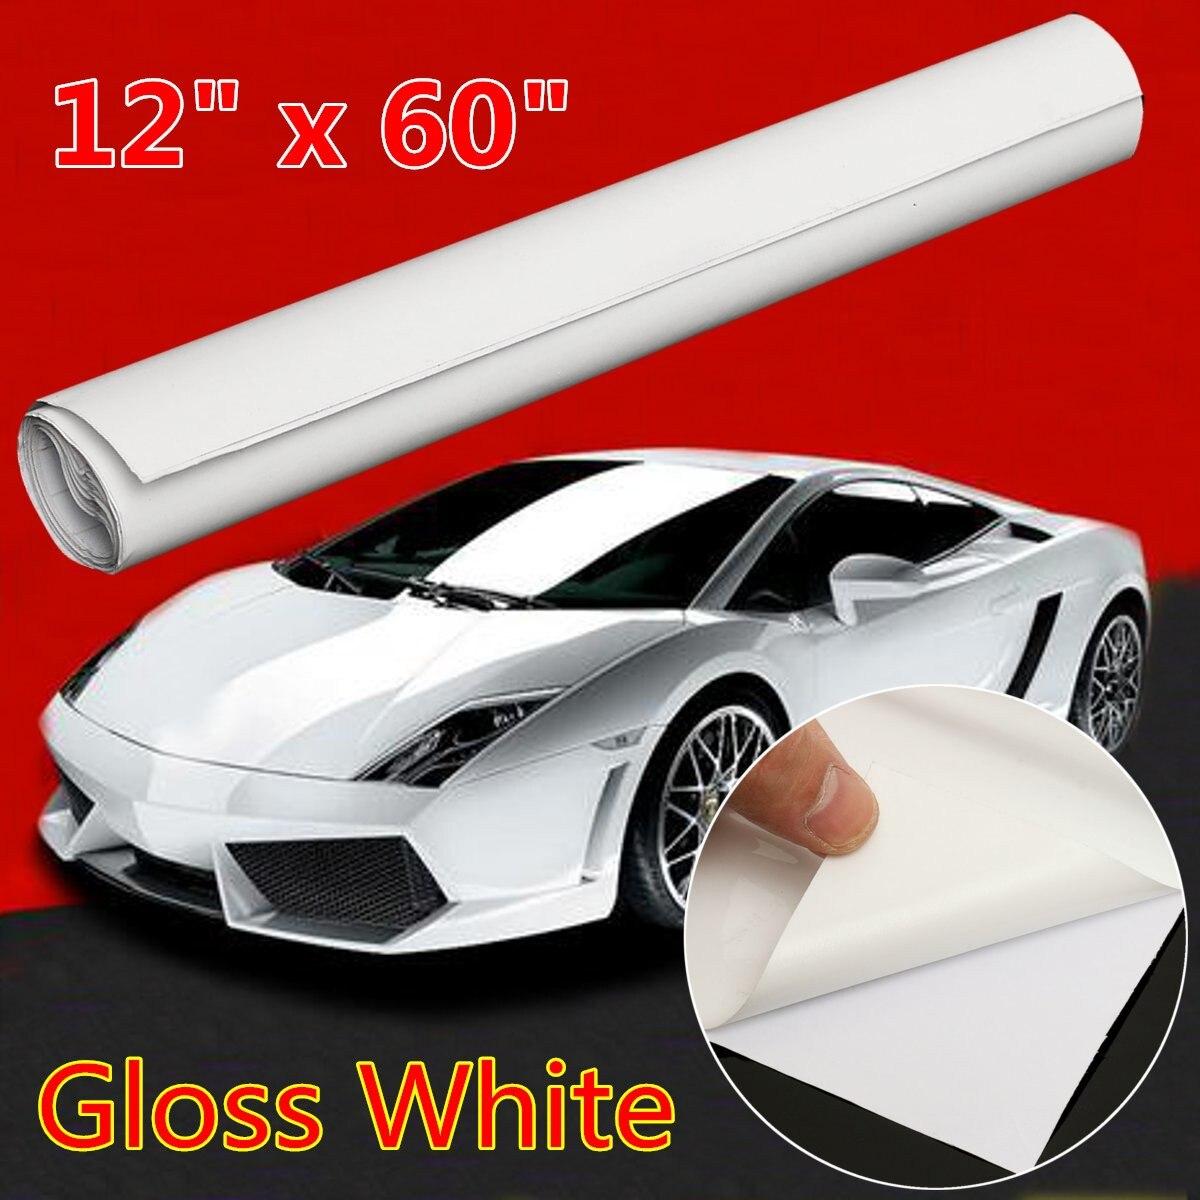 12 дюймов x 60 дюймов глянцевый Белый винил обернуть наклейка наклейка лист рулон Пузырчатой пленки